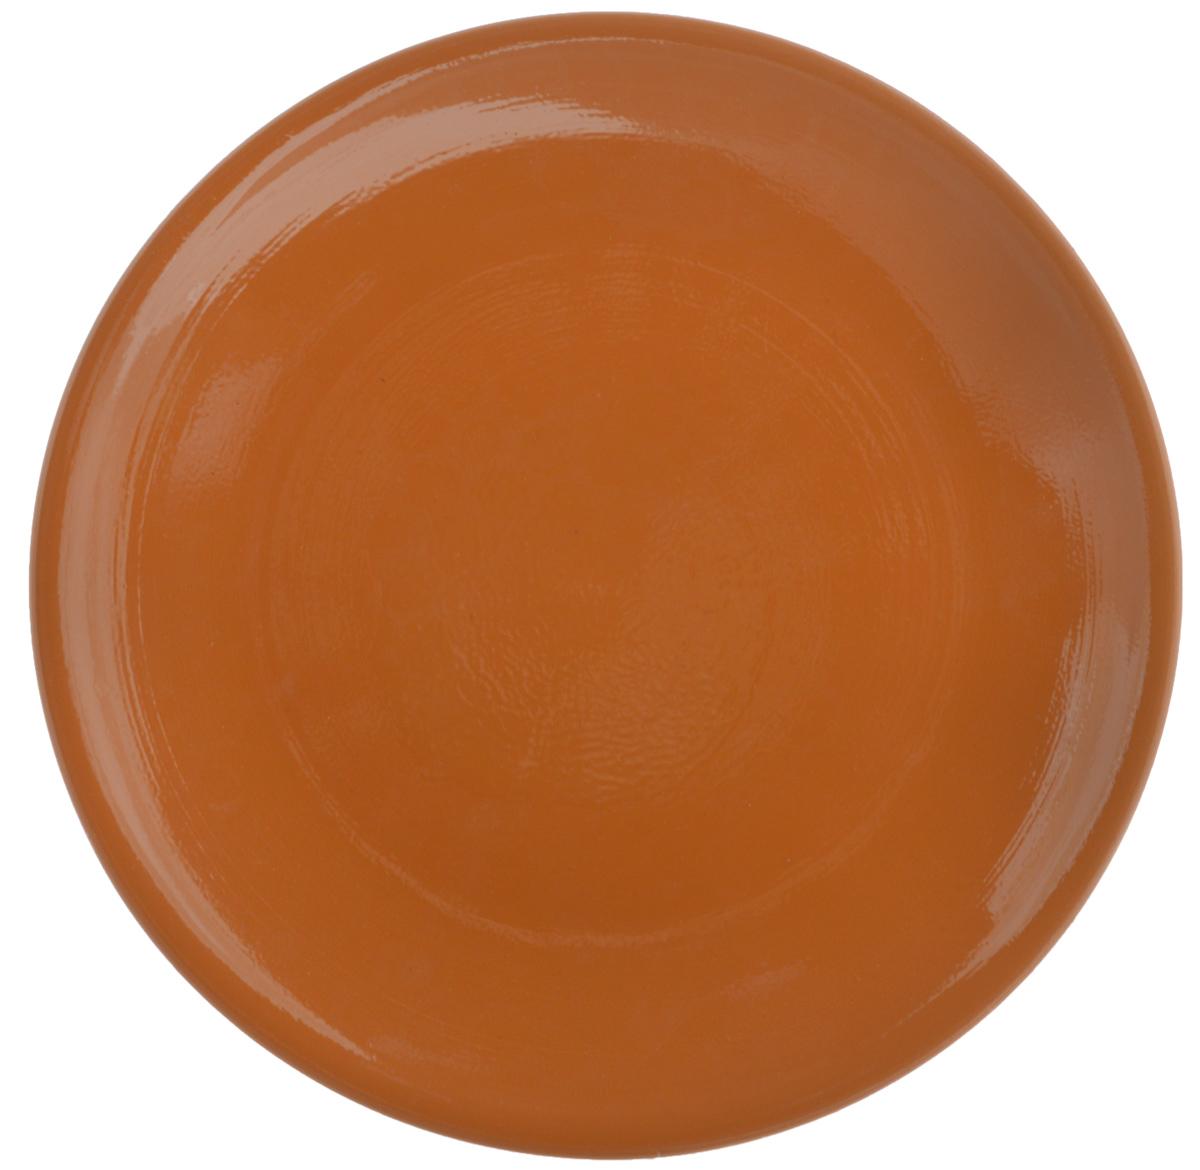 Тарелка Борисовская керамика Cтандарт, цвет: коричневый, диаметр 23 см54 009312Тарелка плоская Cтандарт выполнена из высококачественной керамики. Внутренняя часть тарелки оформлена ярким рисунком с изображением цветка.Тарелка Борисовская керамика Cтандарт идеально подойдет для сервировки стола и станет отличным подарком к любому празднику. Изделие может использоваться как подставка под любую другую посуду.Можно использовать в духовке и микроволновой печи.Диаметр (по верхнему краю): 23 см.